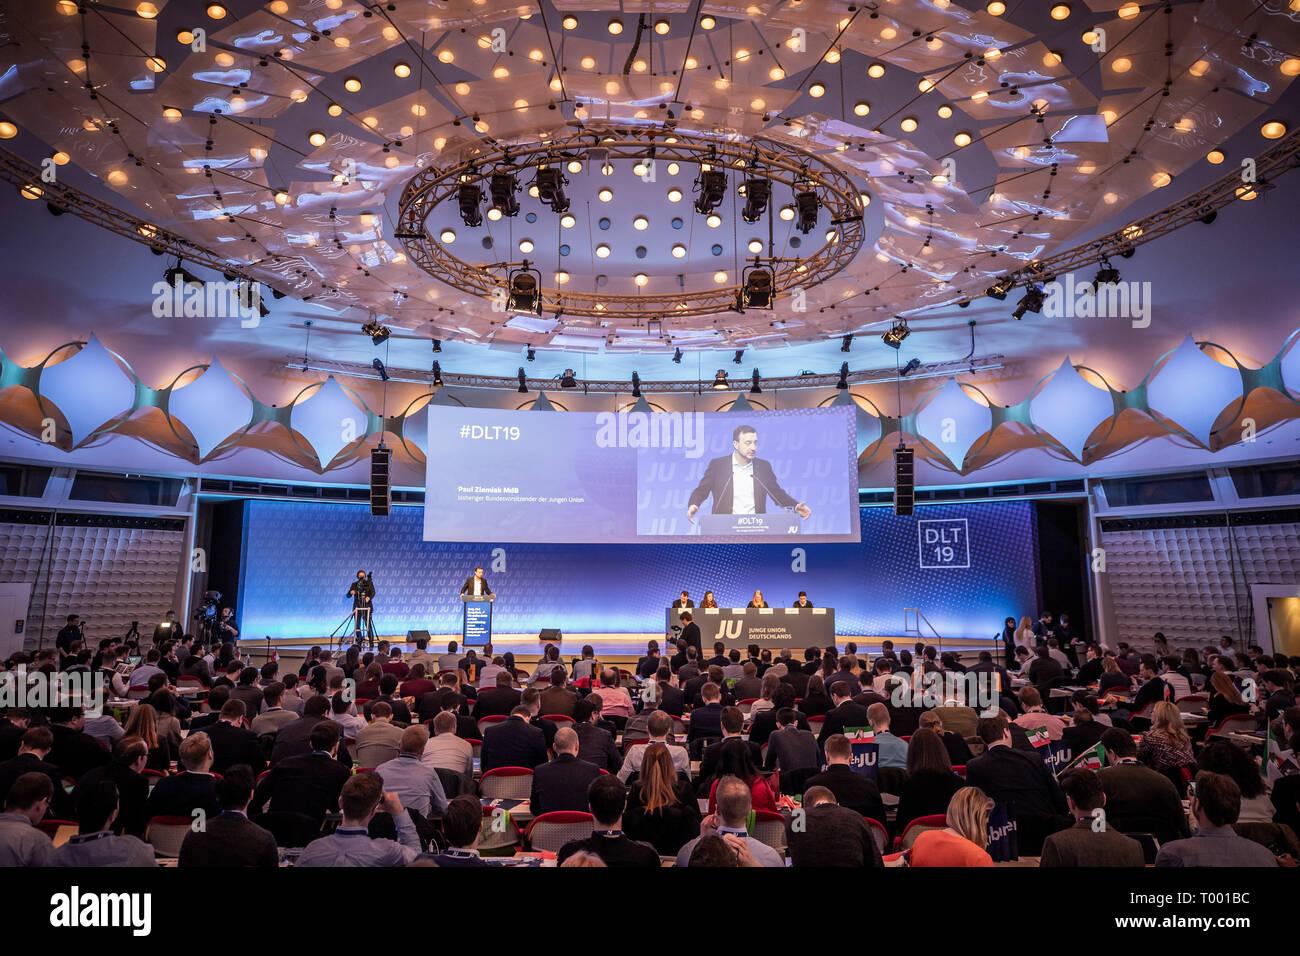 Berlín, Alemania. 16 Mar, 2019. Pablo Ziemiak, Secretario General de la CDU, habla en la extraordinaria Alemania Día de la joven europea. Crédito: Michael Kappeler/dpa/Alamy Live News Foto de stock